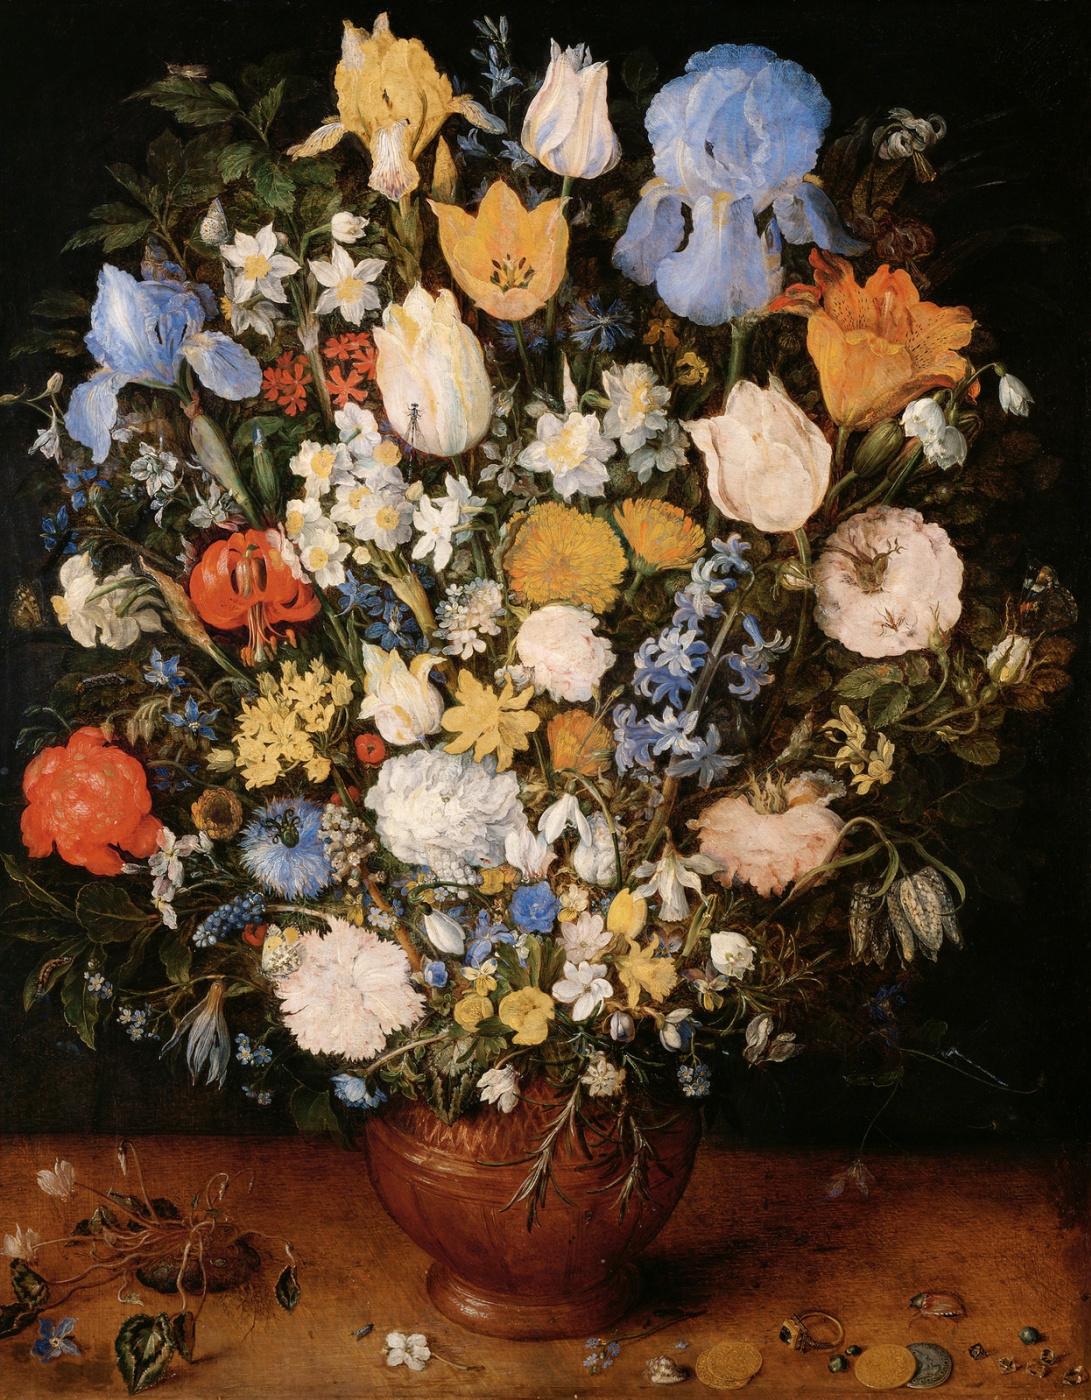 Ян Брейгель Старший. Букет в вазе. Около 1607